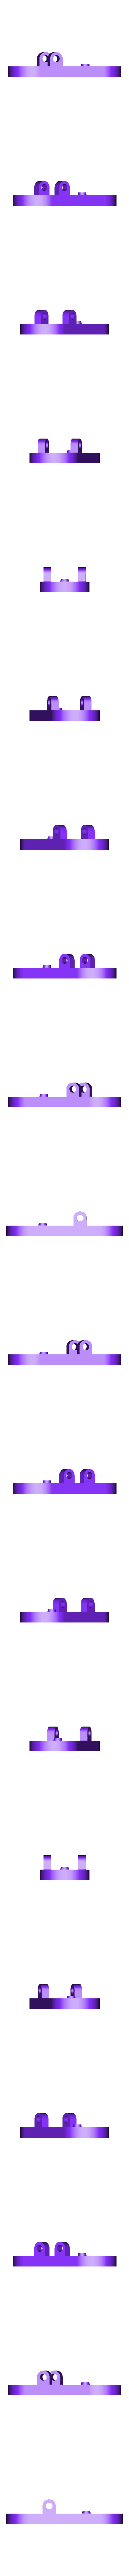 HOLDER_BODY.stl Télécharger fichier STL gratuit Alimentateur de filaments horizontaux pour la chambre d'impression • Plan à imprimer en 3D, theveel